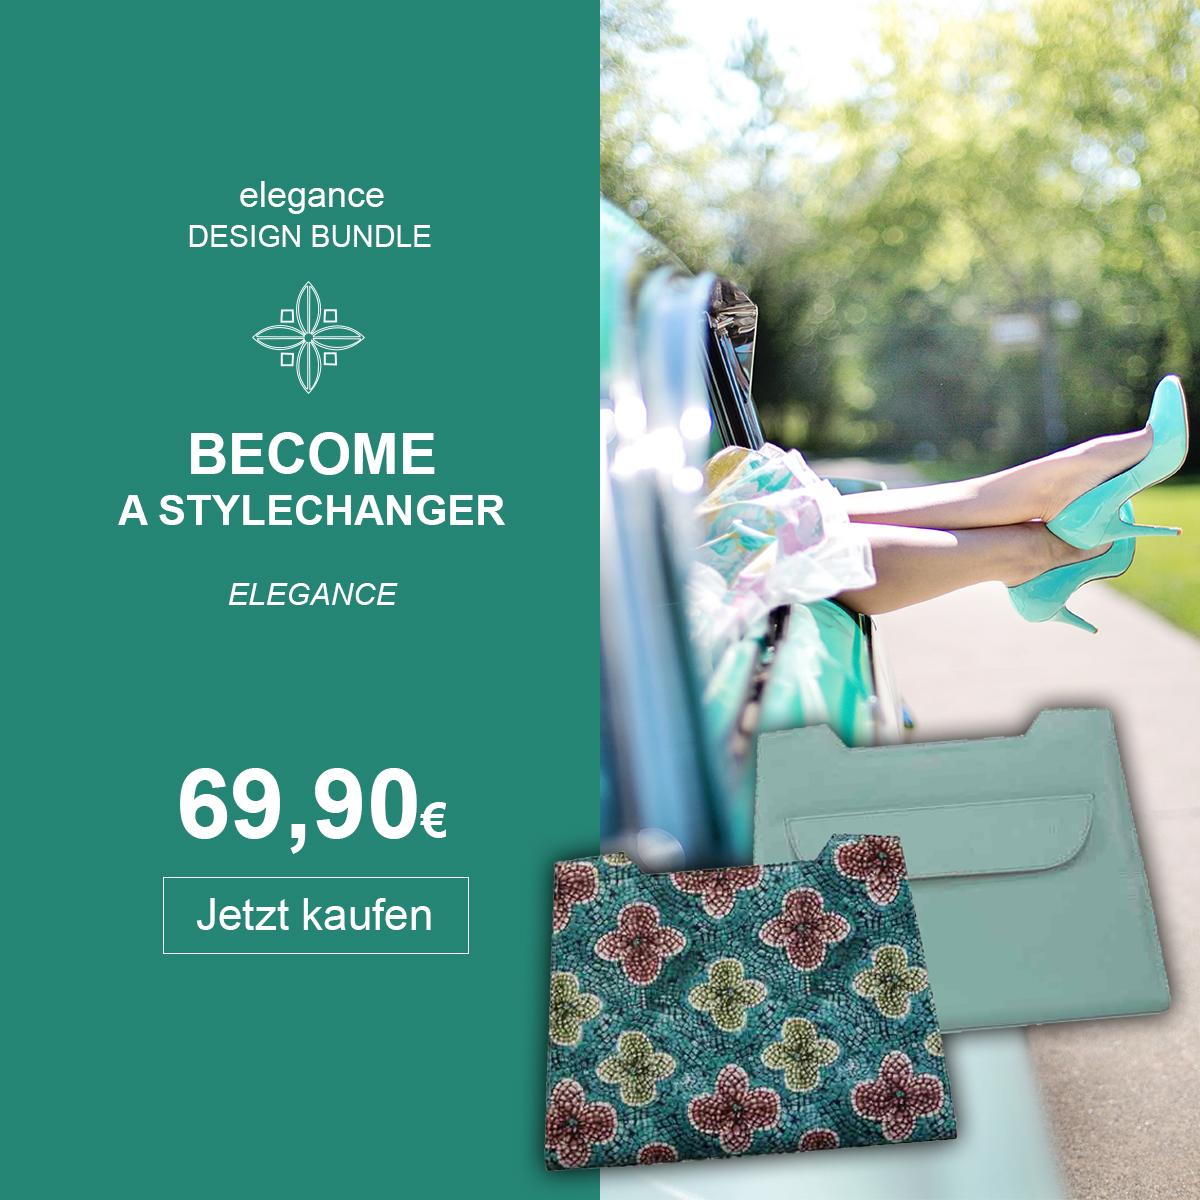 Design Bundle elegance Juli